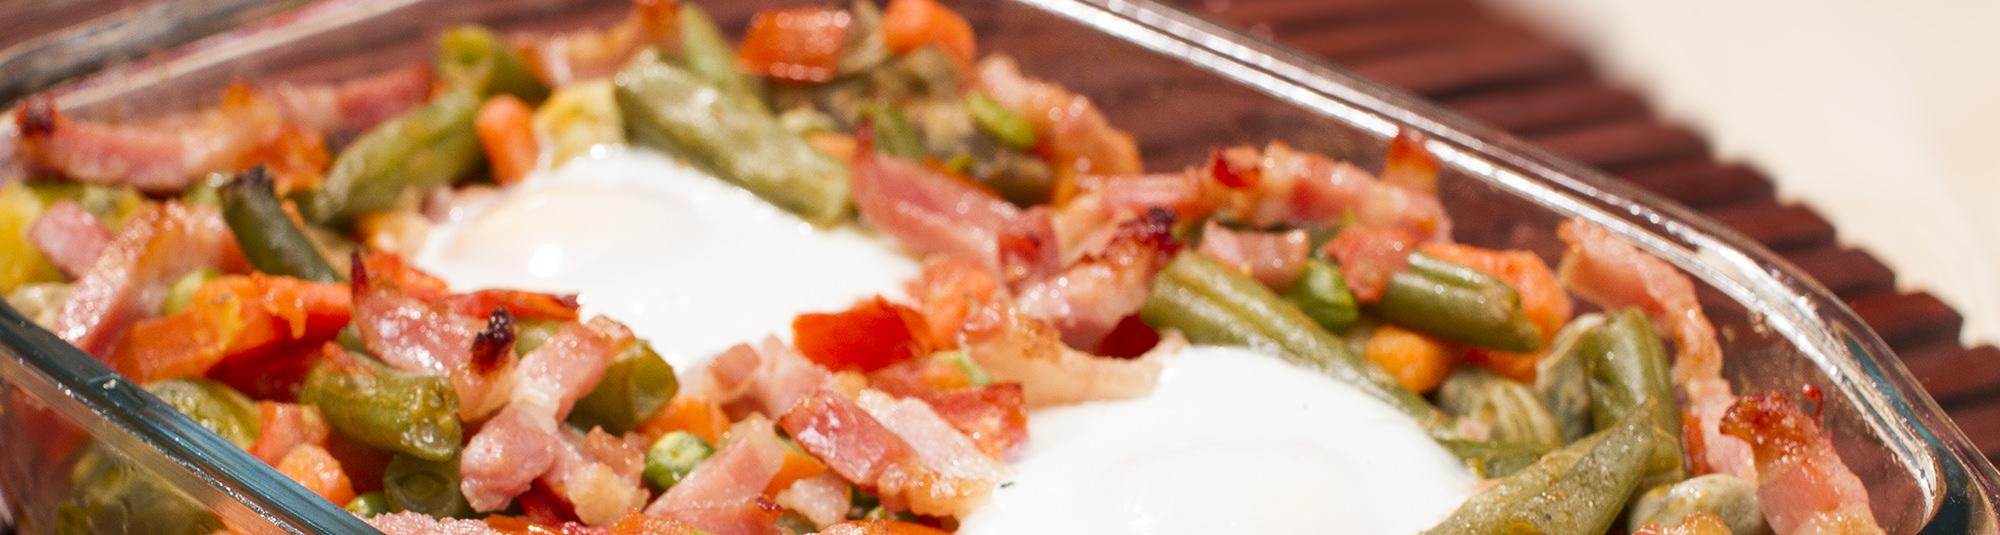 Menestra de verduras en una bandeja